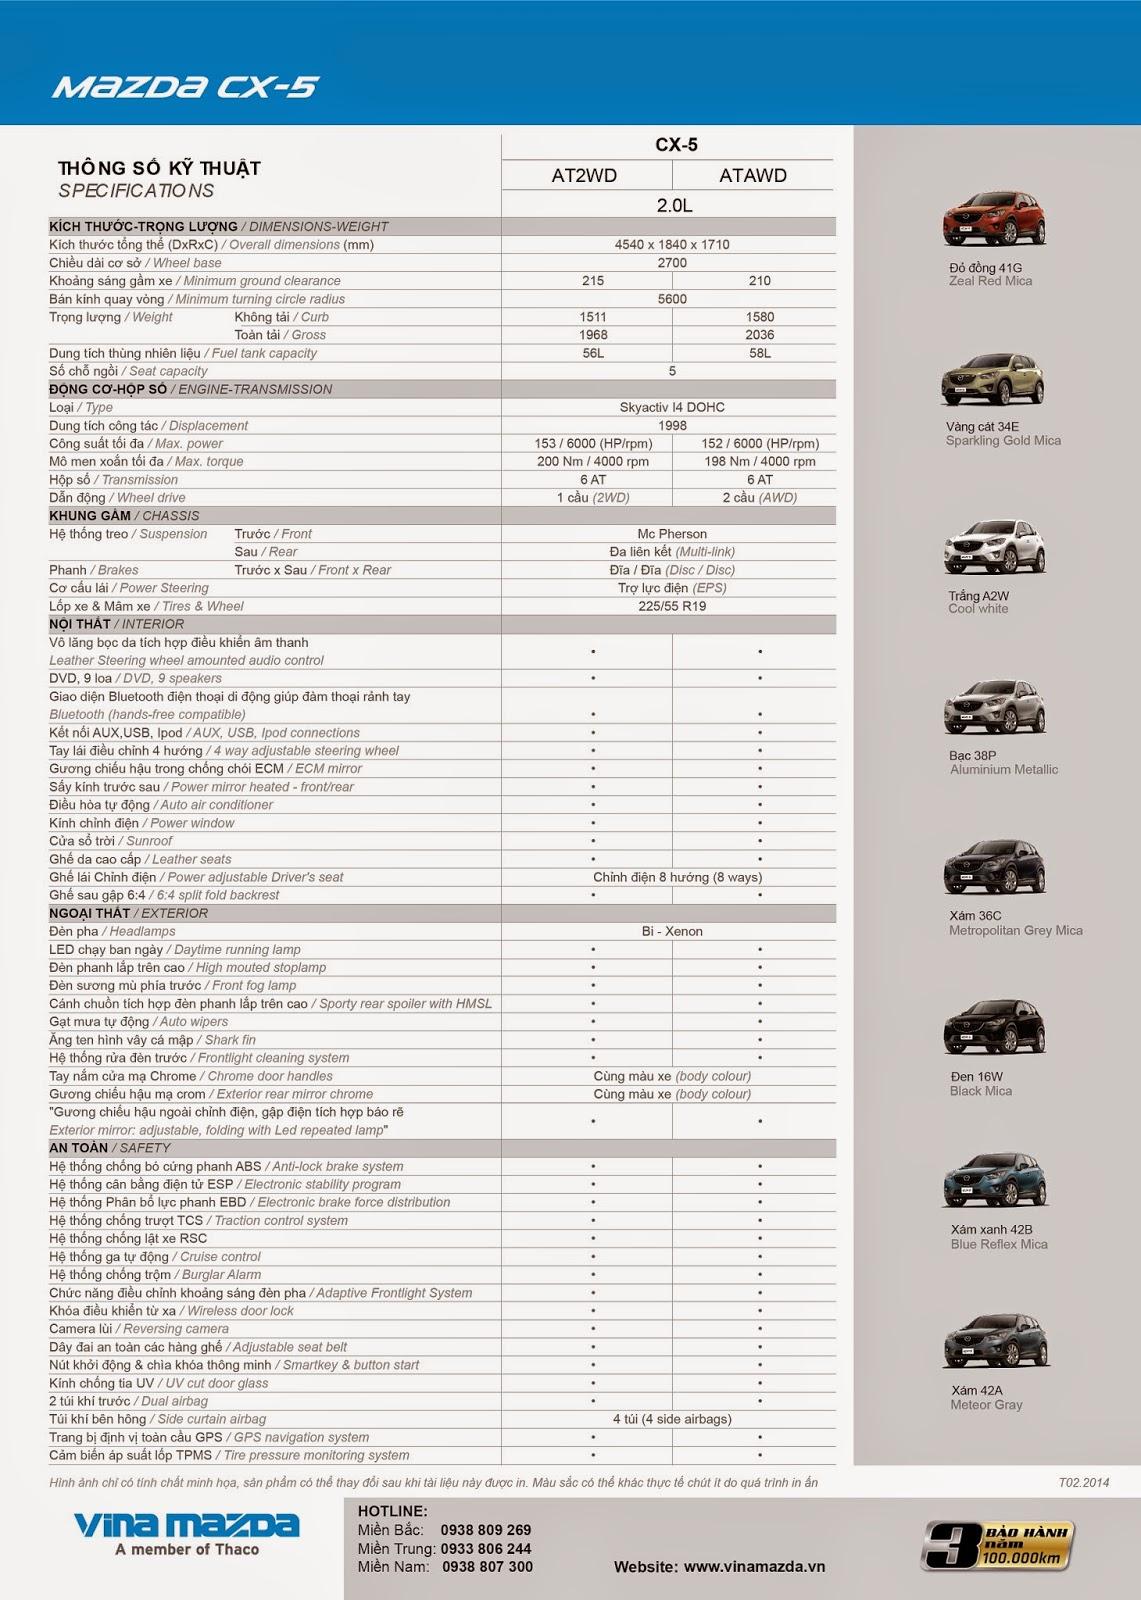 Mazda Show| Đại lý Mazda| Showroom Mazda| Danh sách các đại lý Mazda| Mazda Hà Nội| Mazda Lê Văn Lương| Mazda Nguyễn Trãi| Mazda Pháp Vân